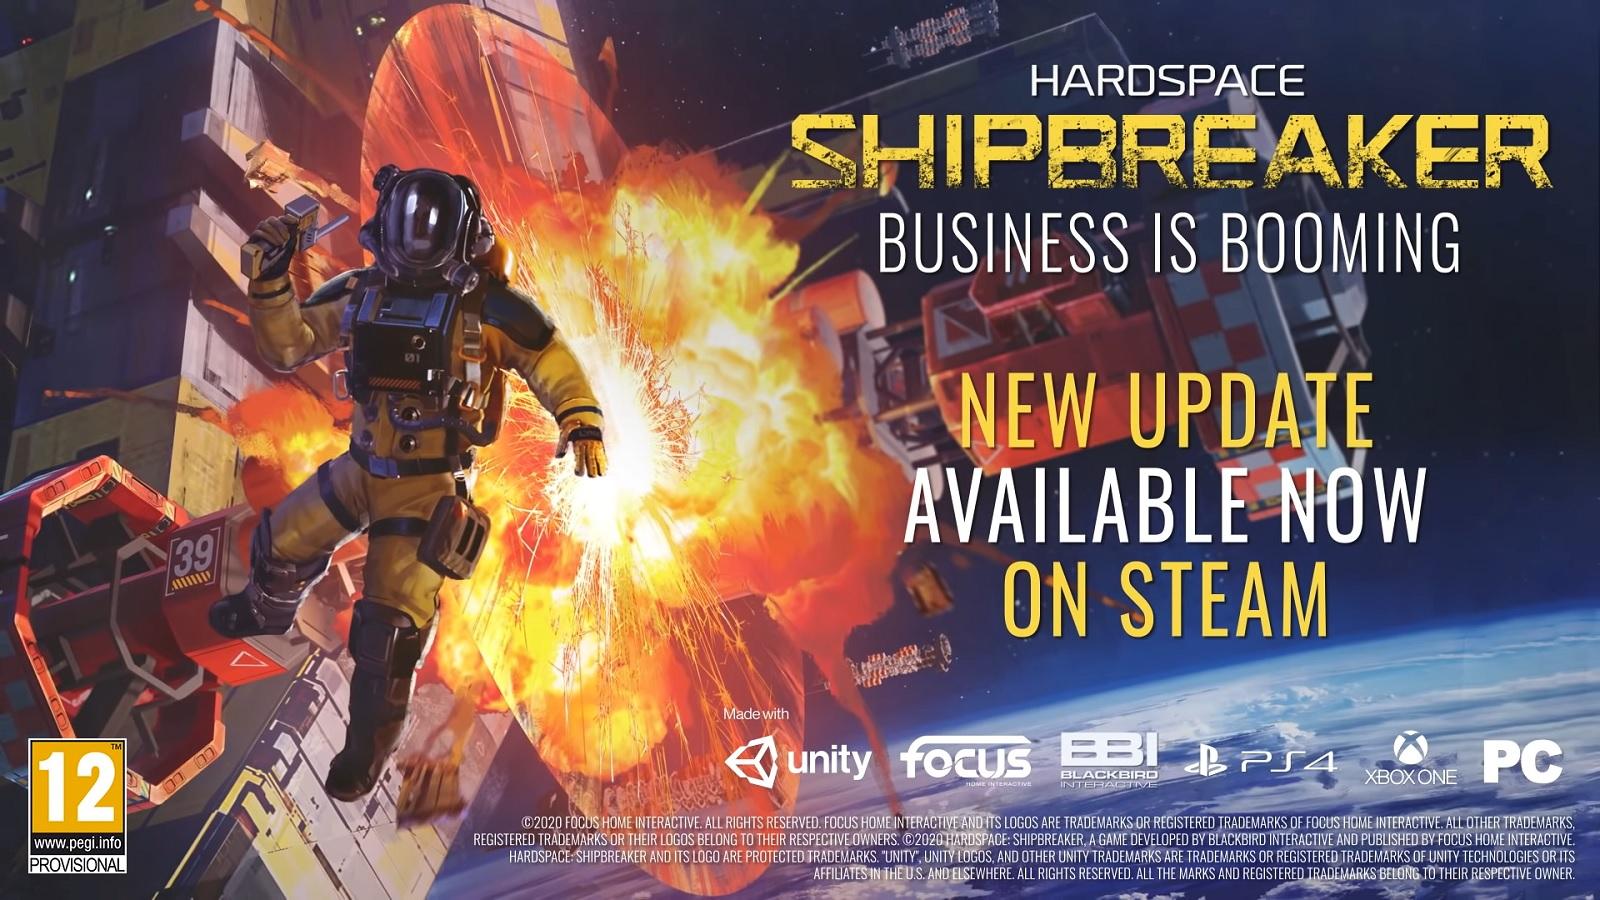 Симулятор утилизатора космических кораблей Hardspace: Shipbreaker получил «взрывное» обновление